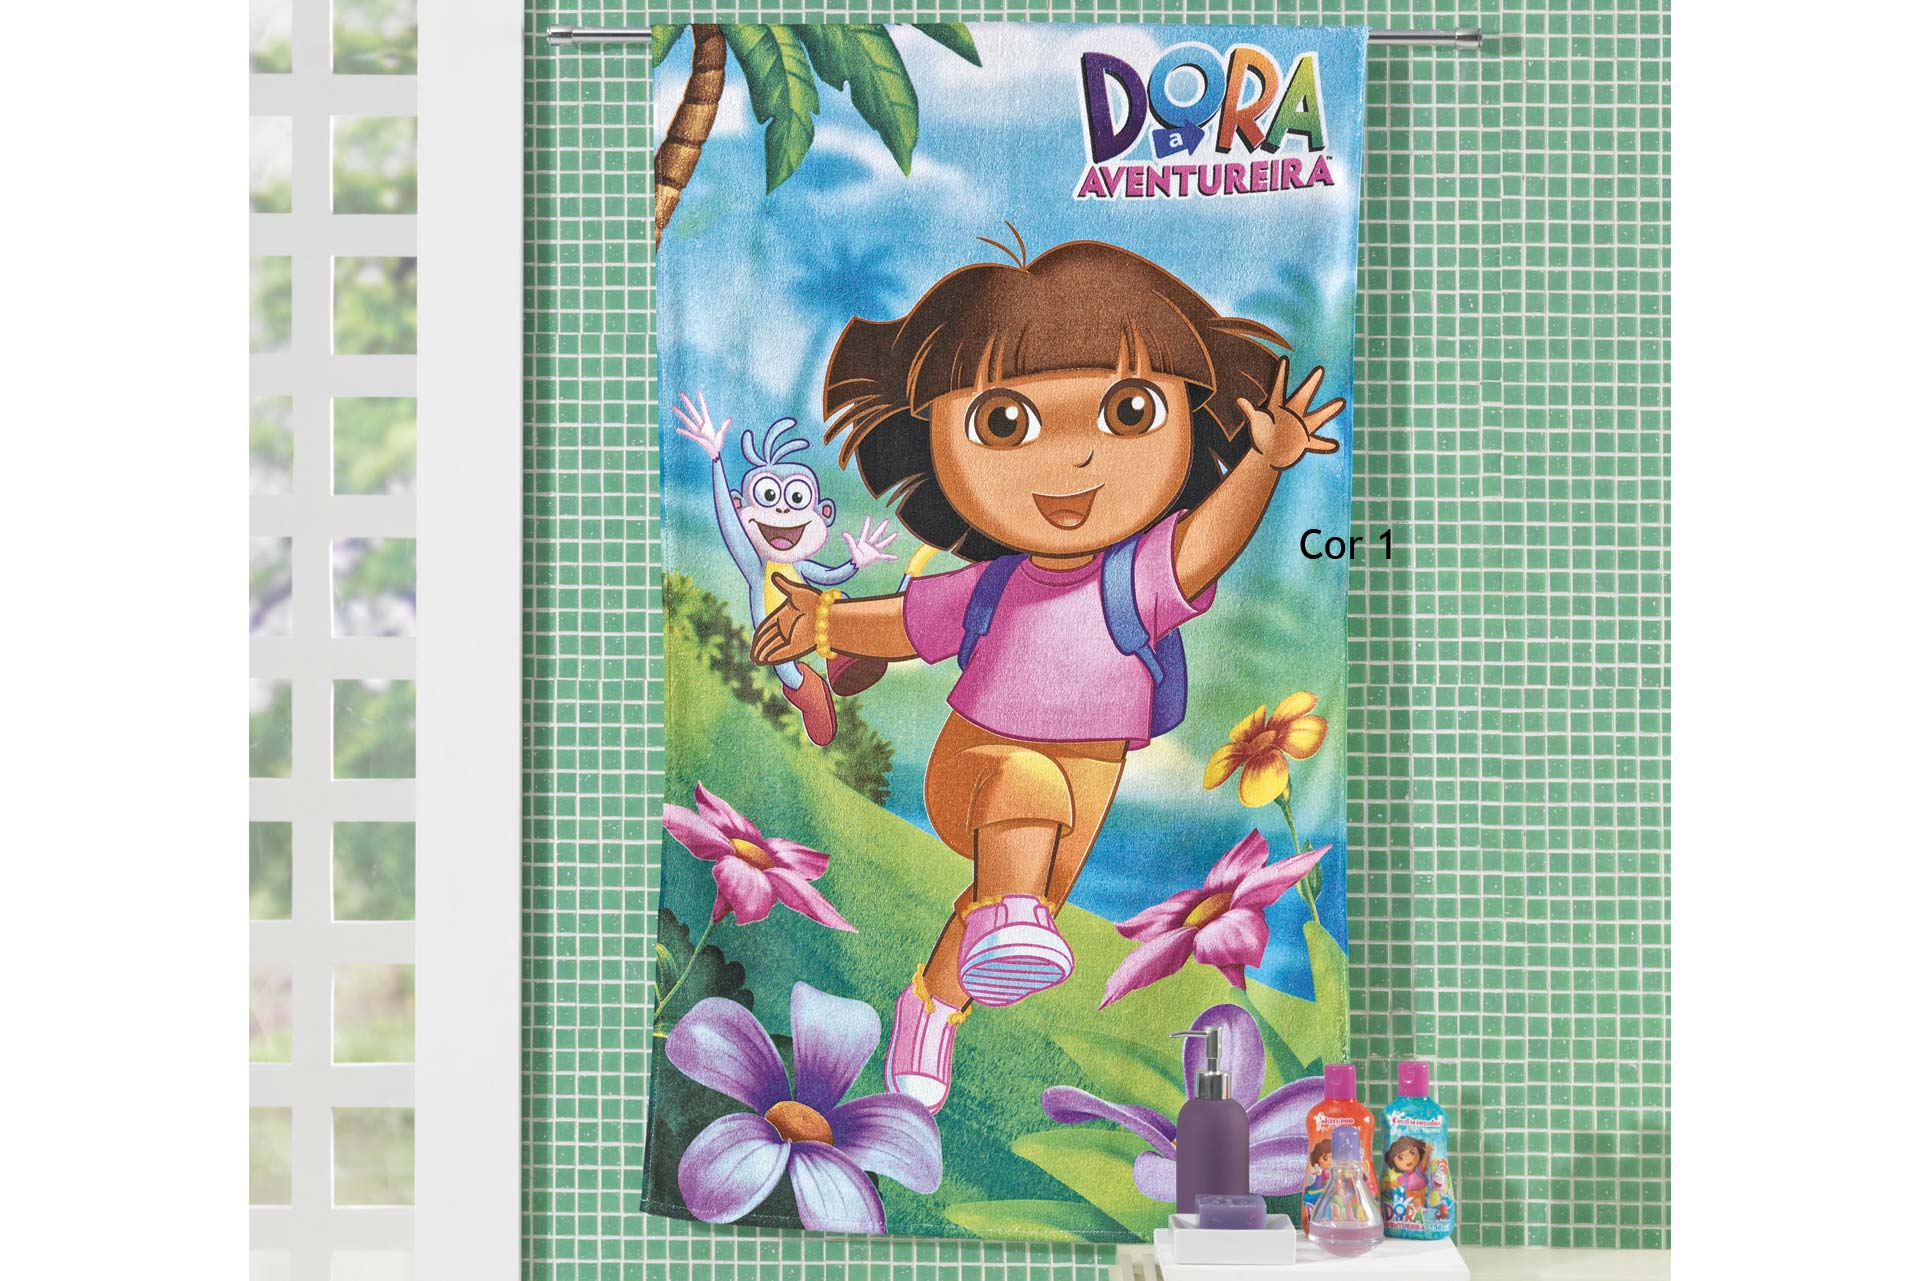 Cod. 4805 - Banho Dora Aventureira -   Cor 1